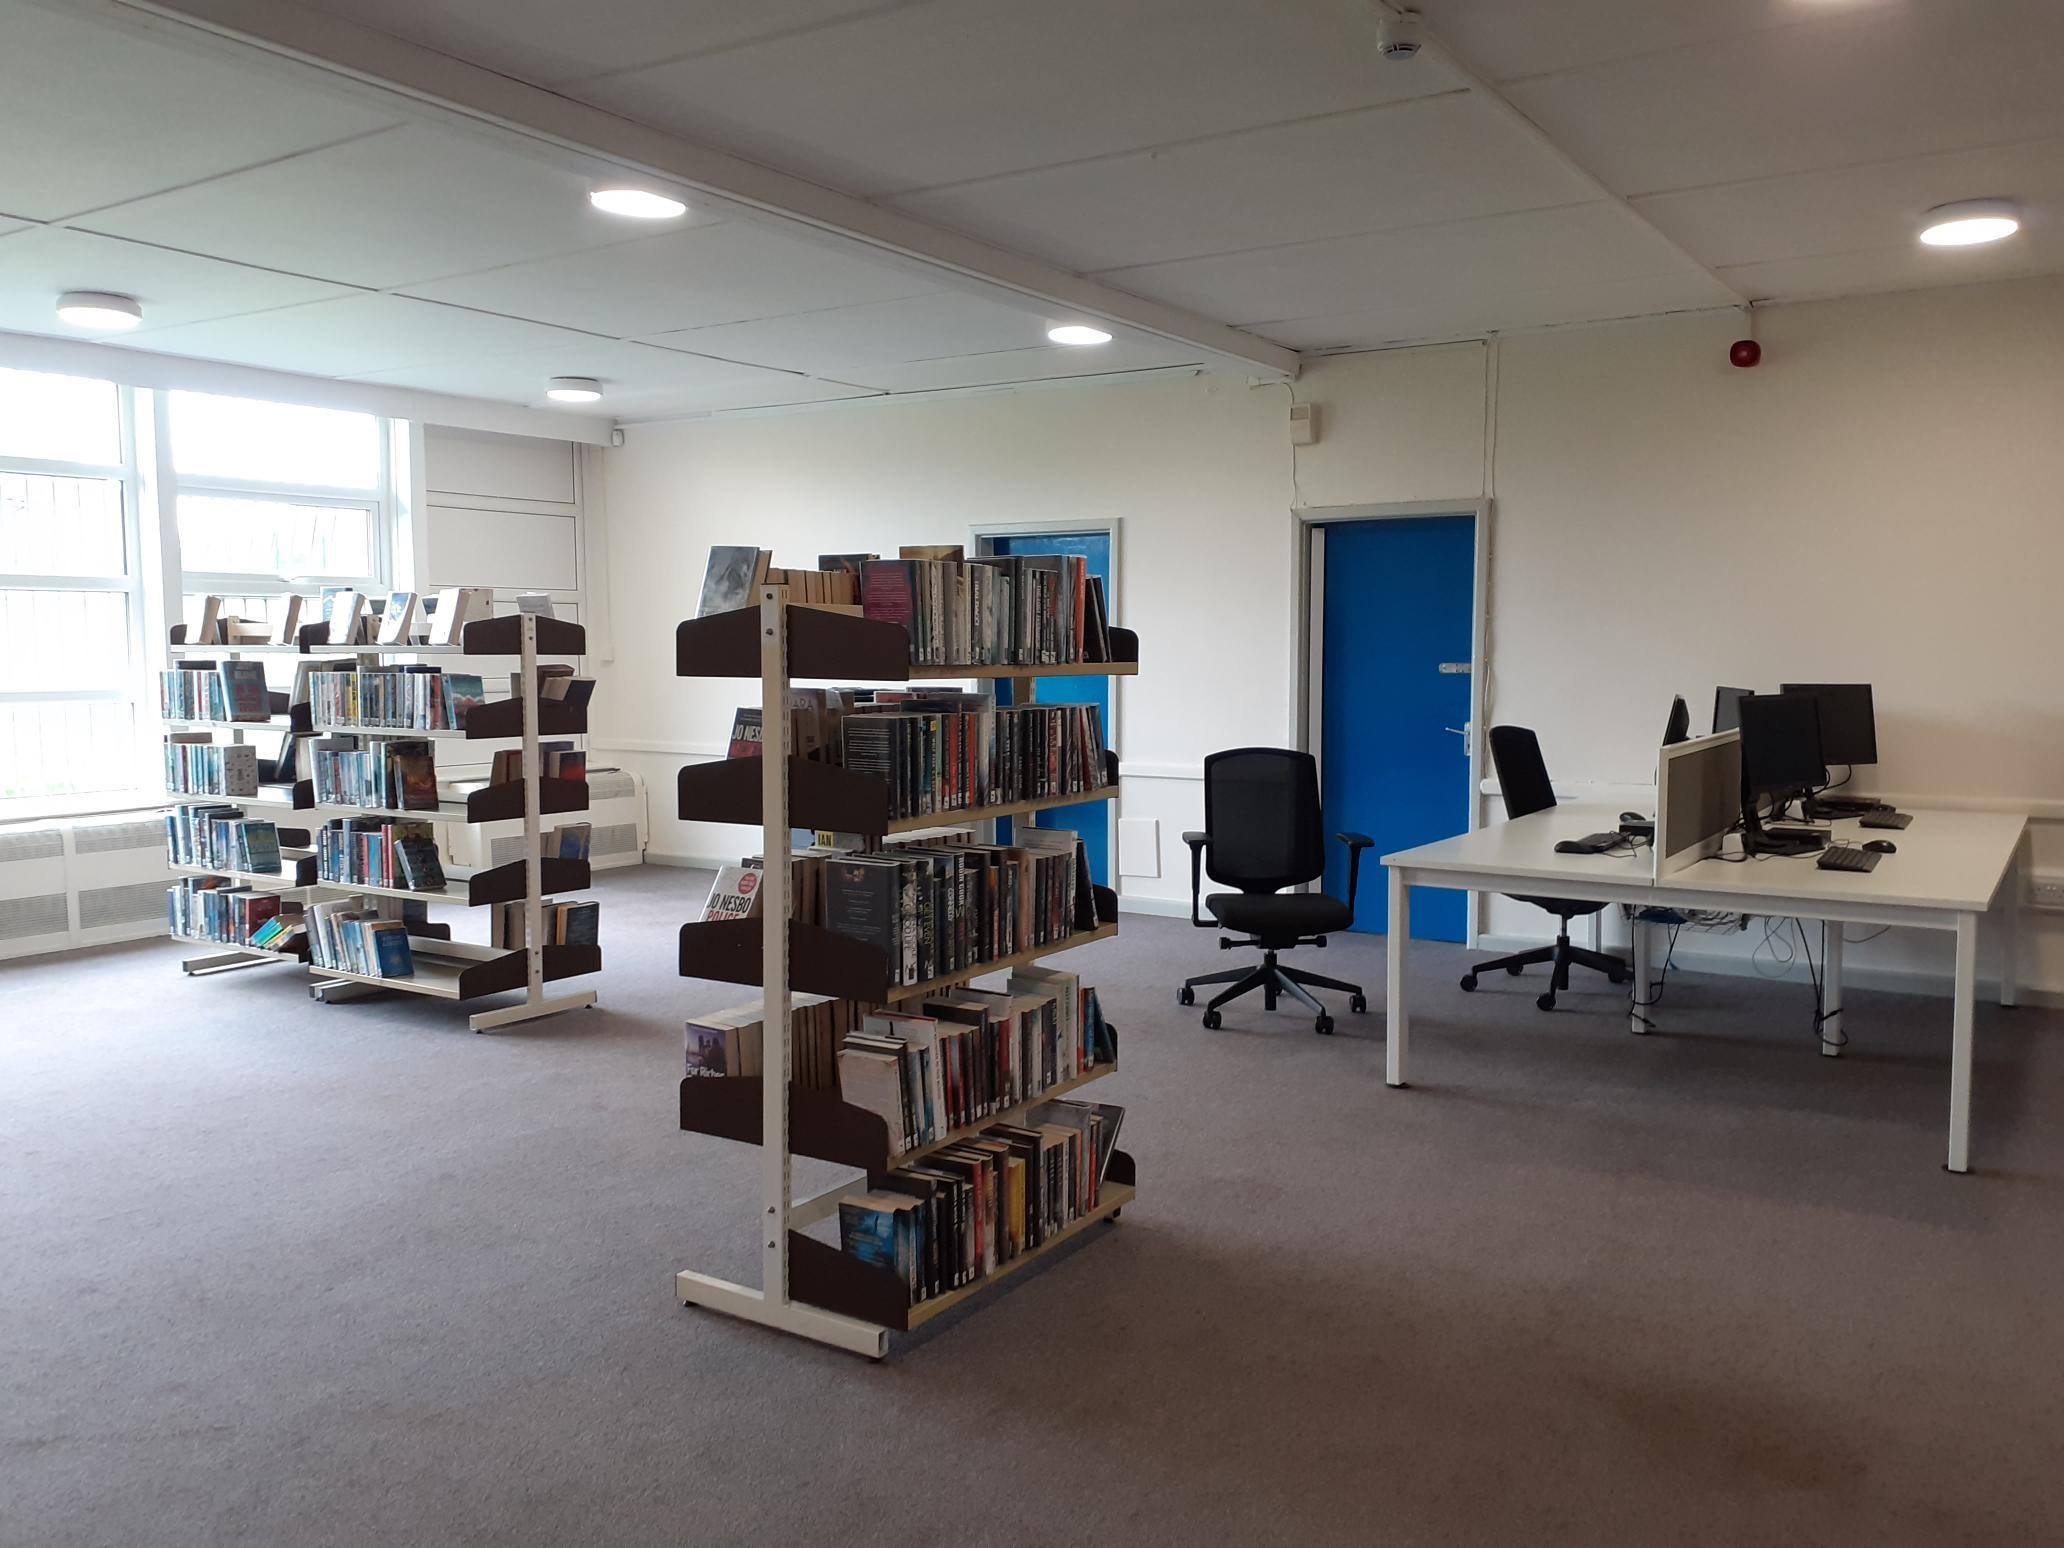 Mixenden Library